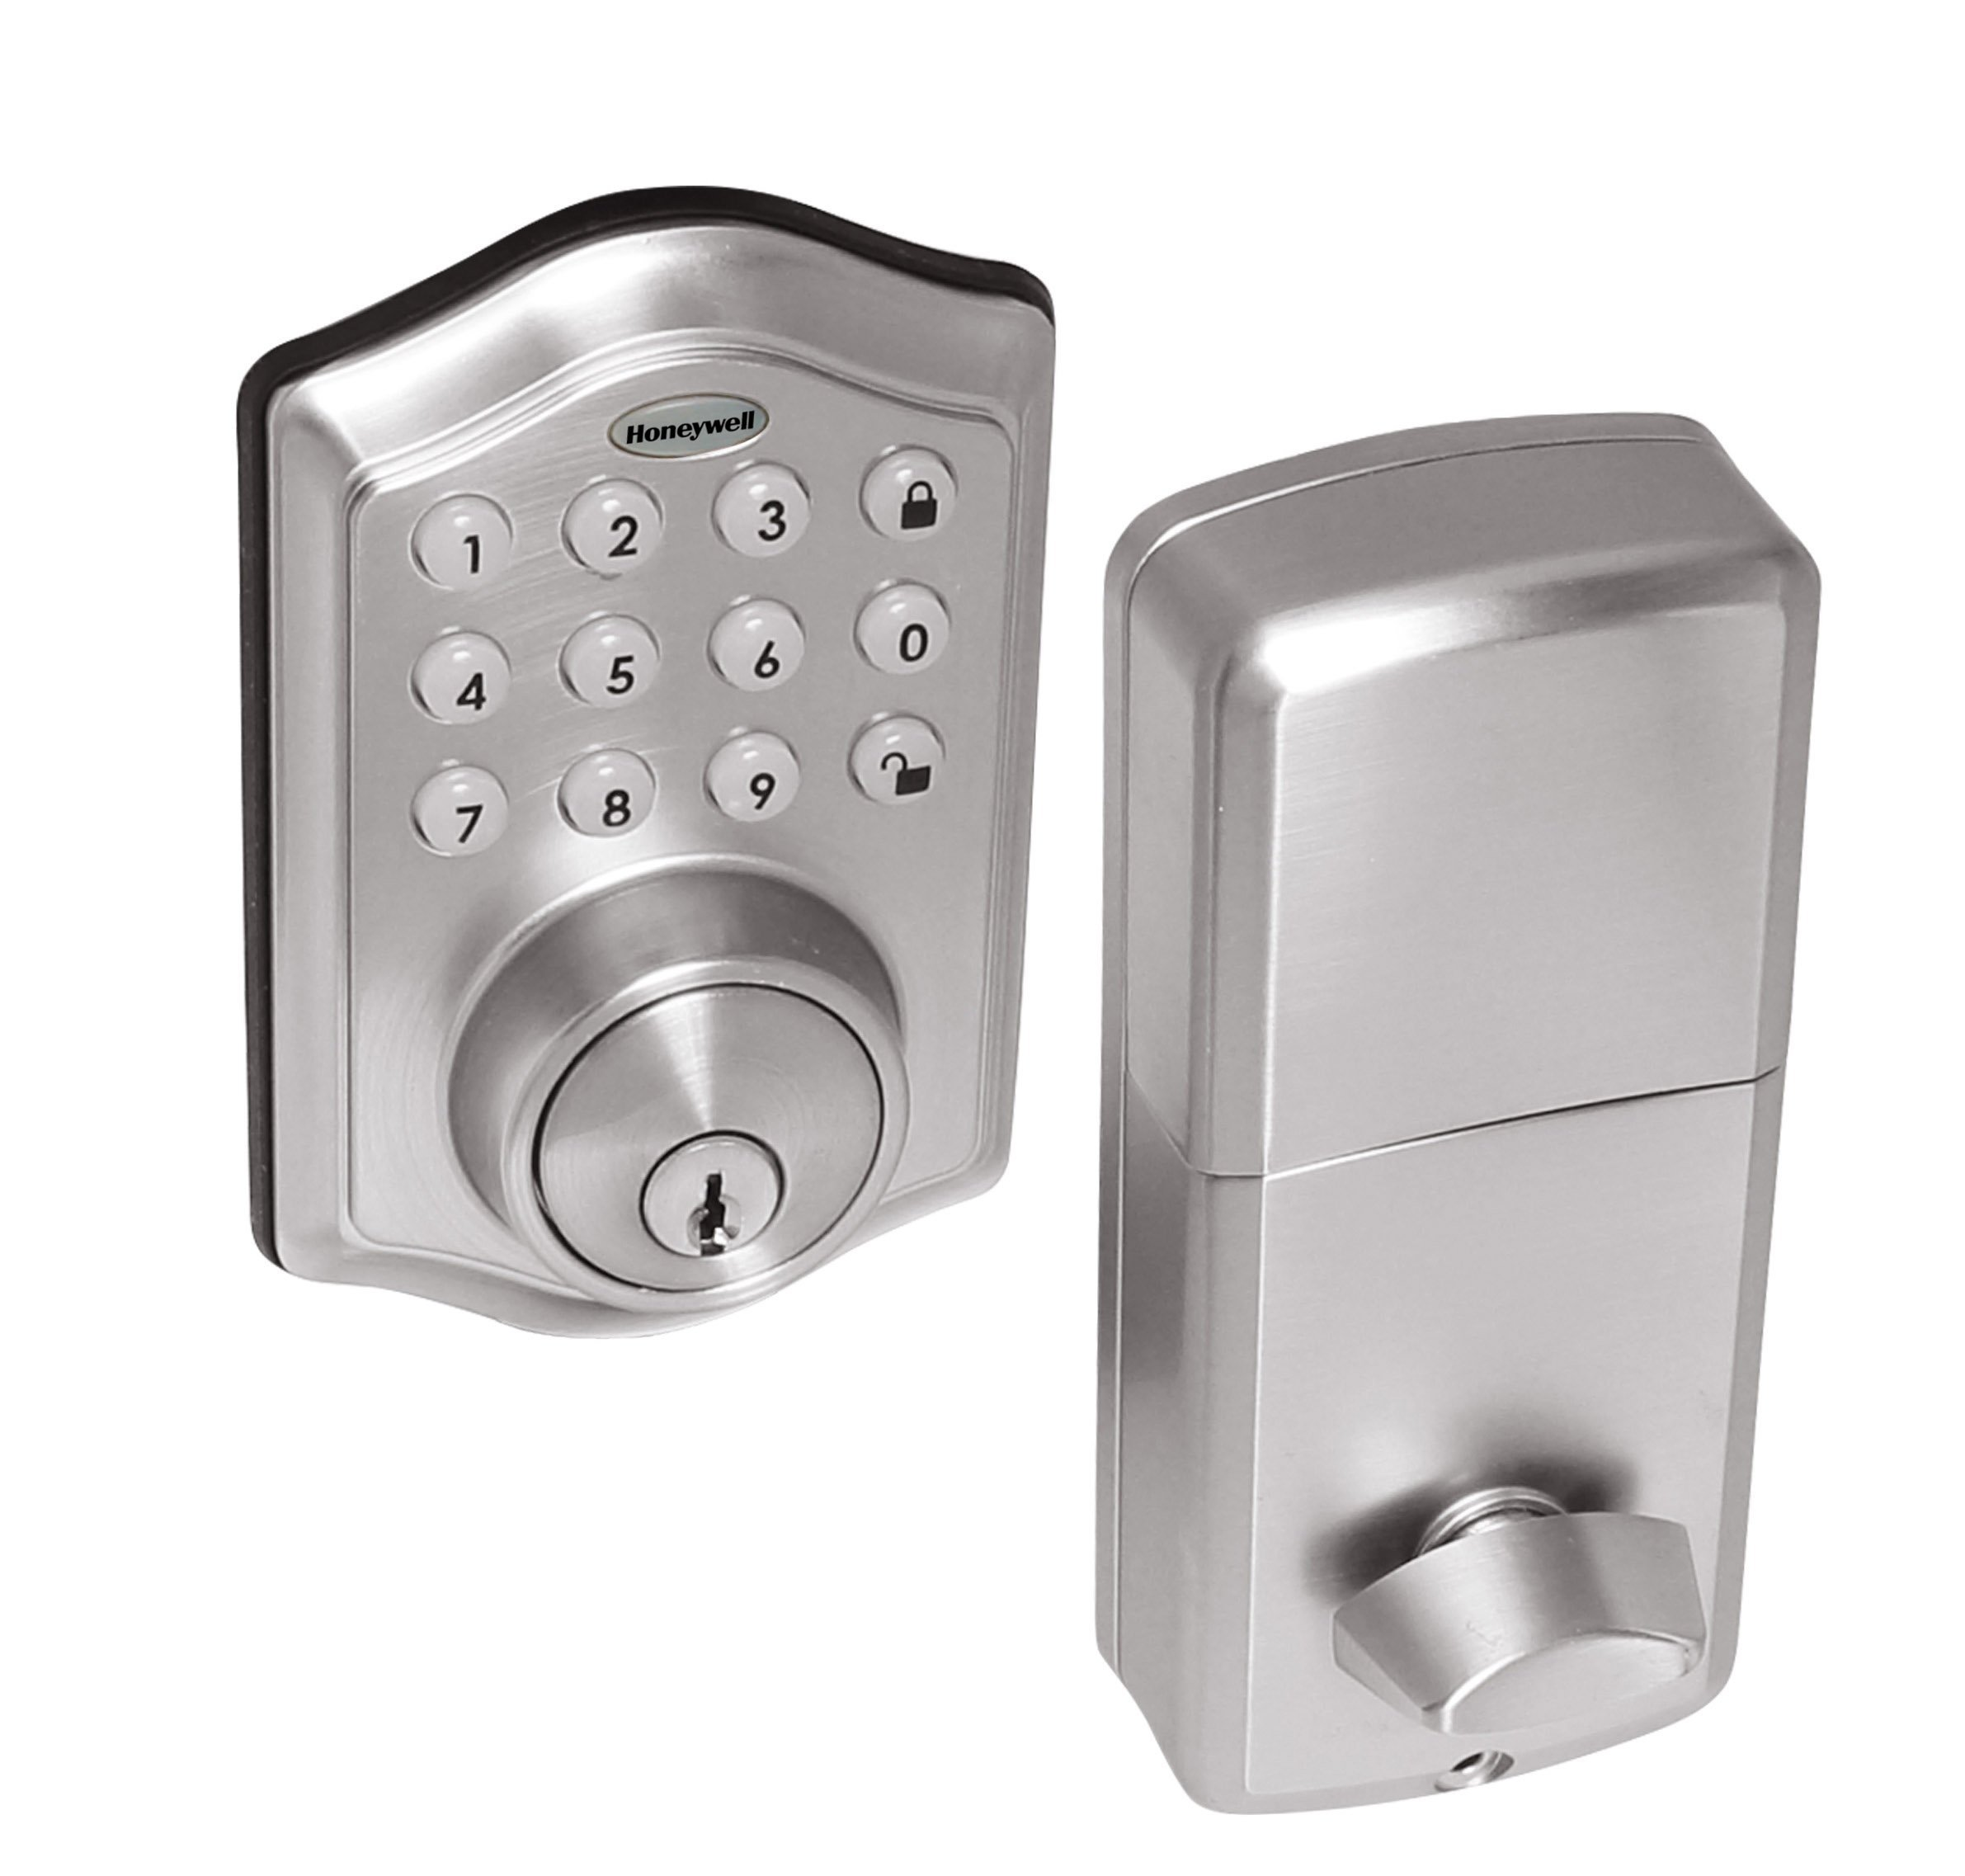 Honeywell Safes & Door Locks 8712309 Electronic Entry Deadbolt with Keypad, Satin Nickel